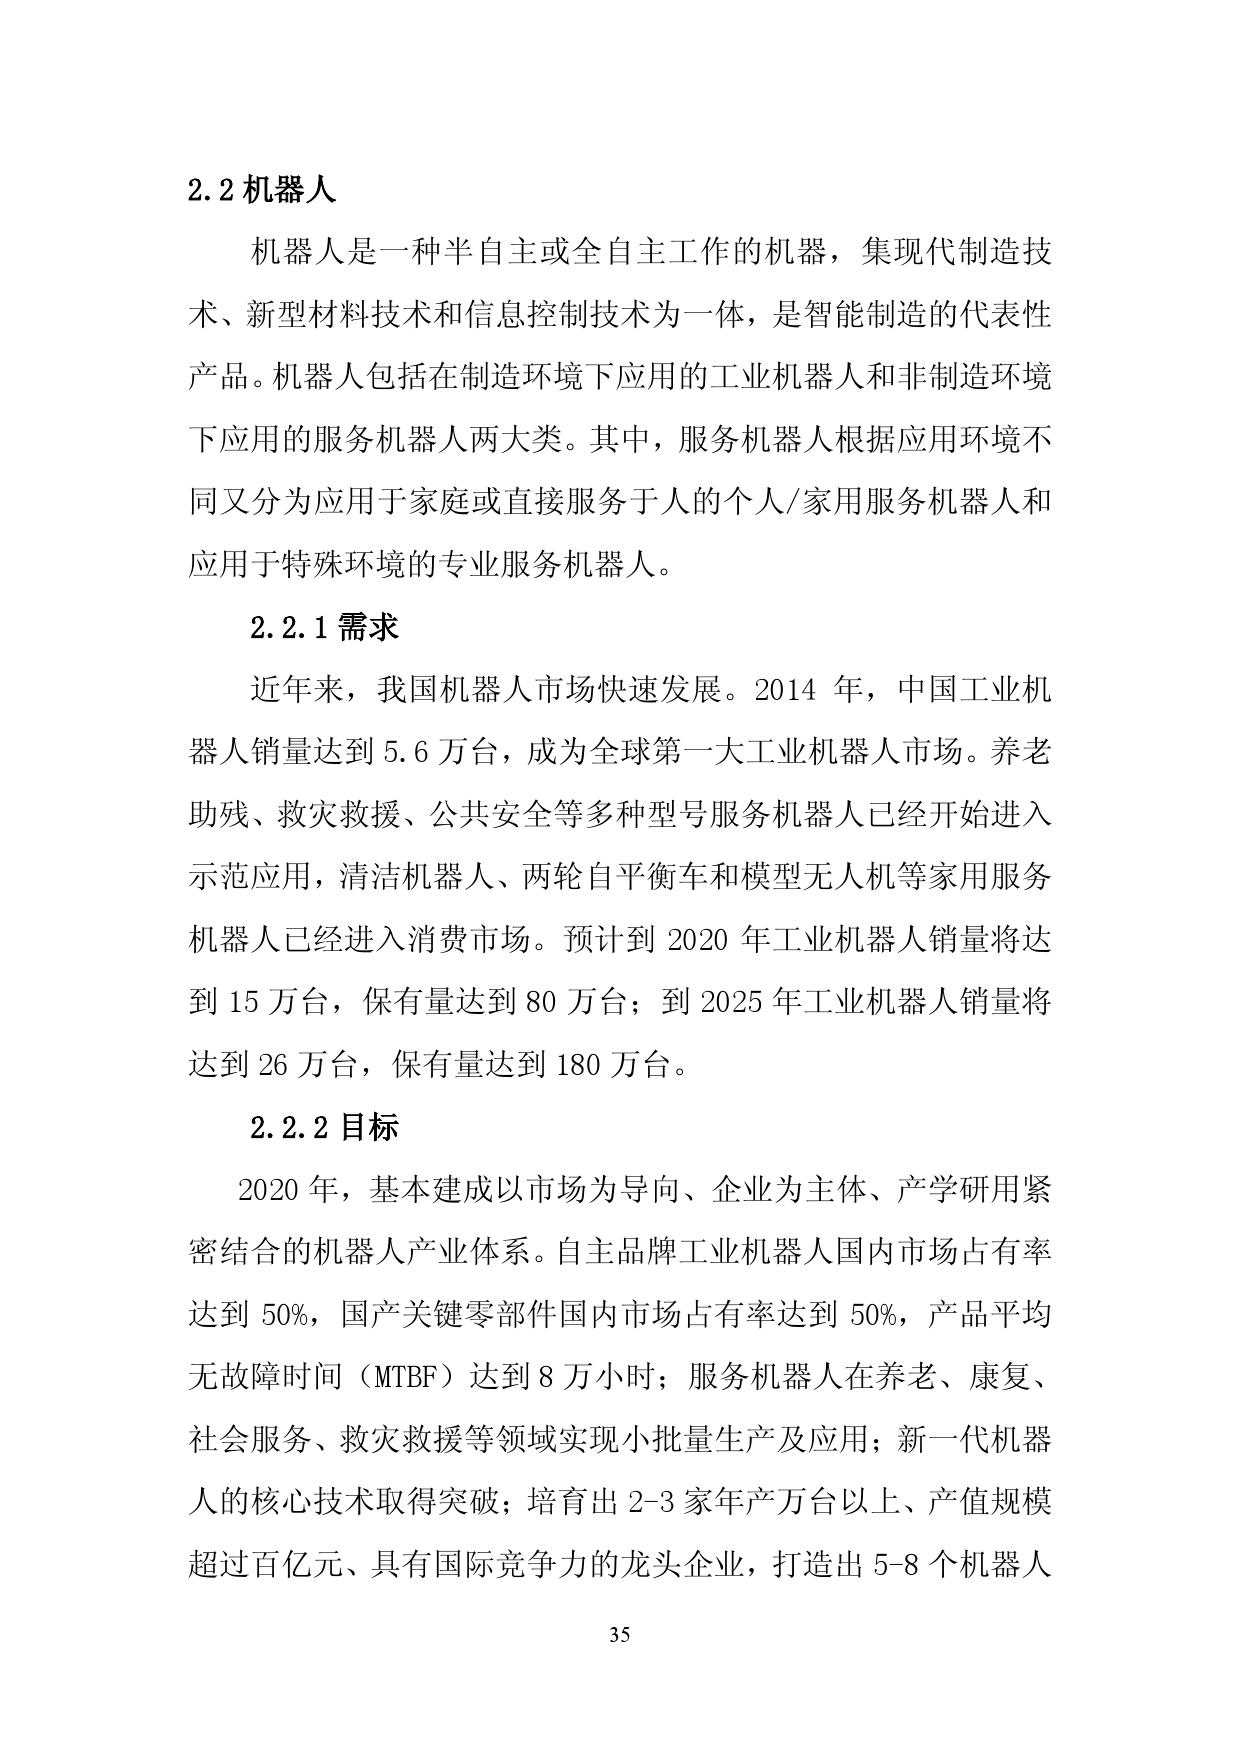 《中国制造 2025》重点领域技术路线图_000041